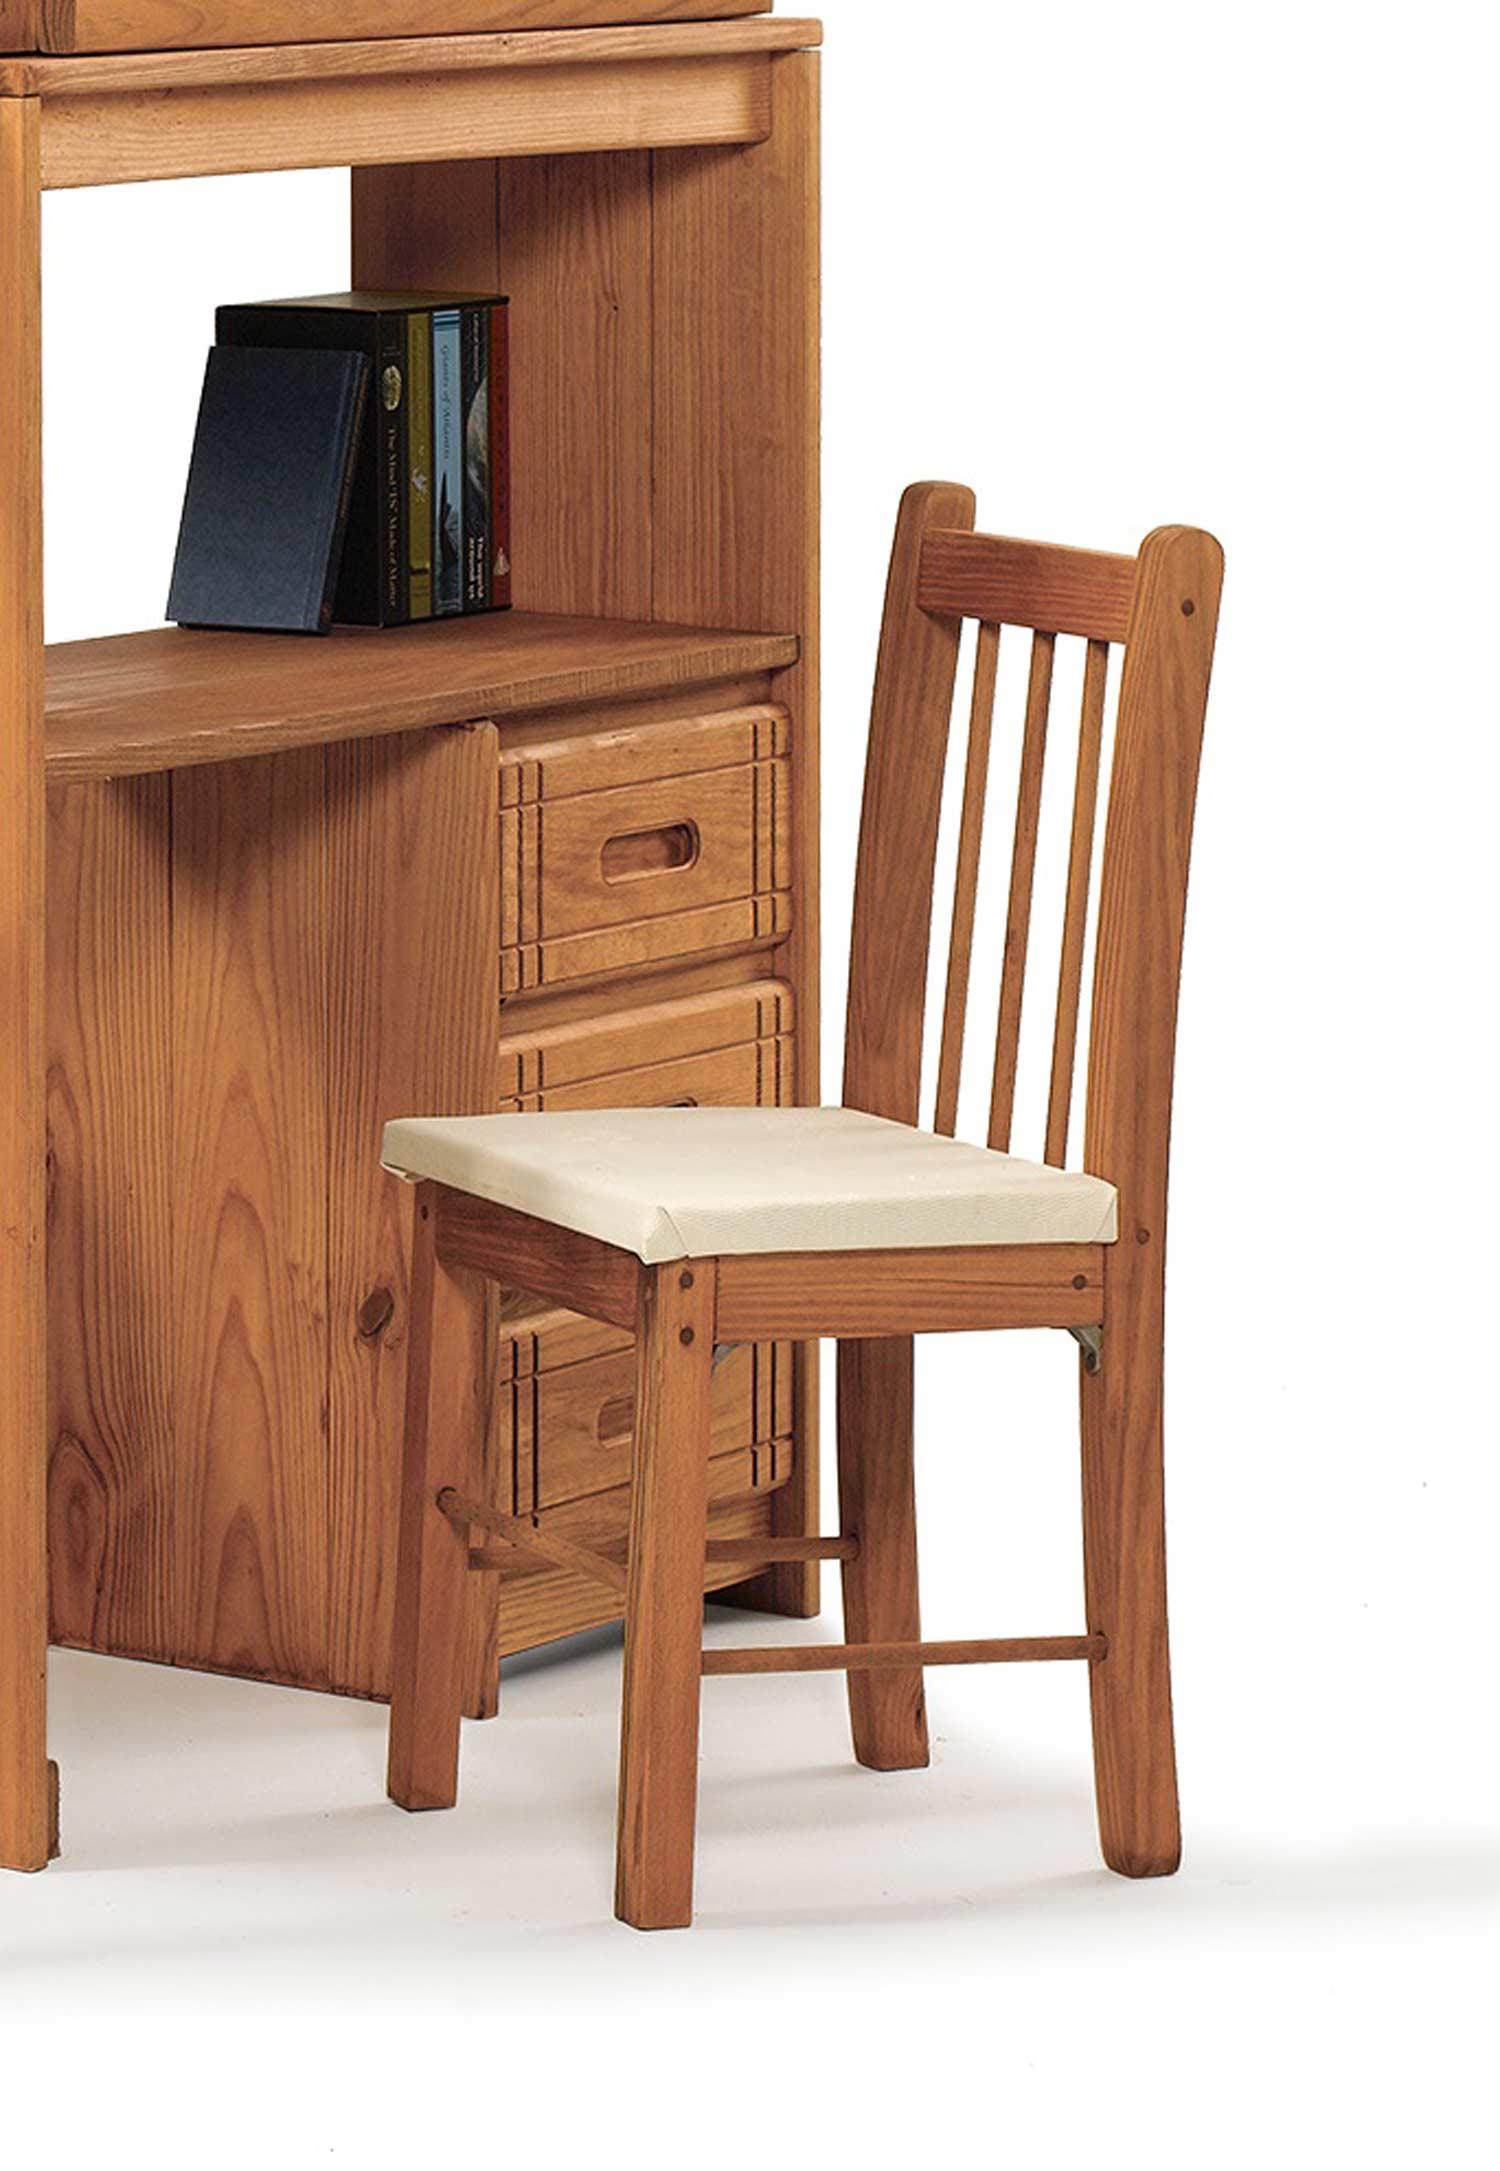 Chelsea Home 3611007 Desk Chair - Honey